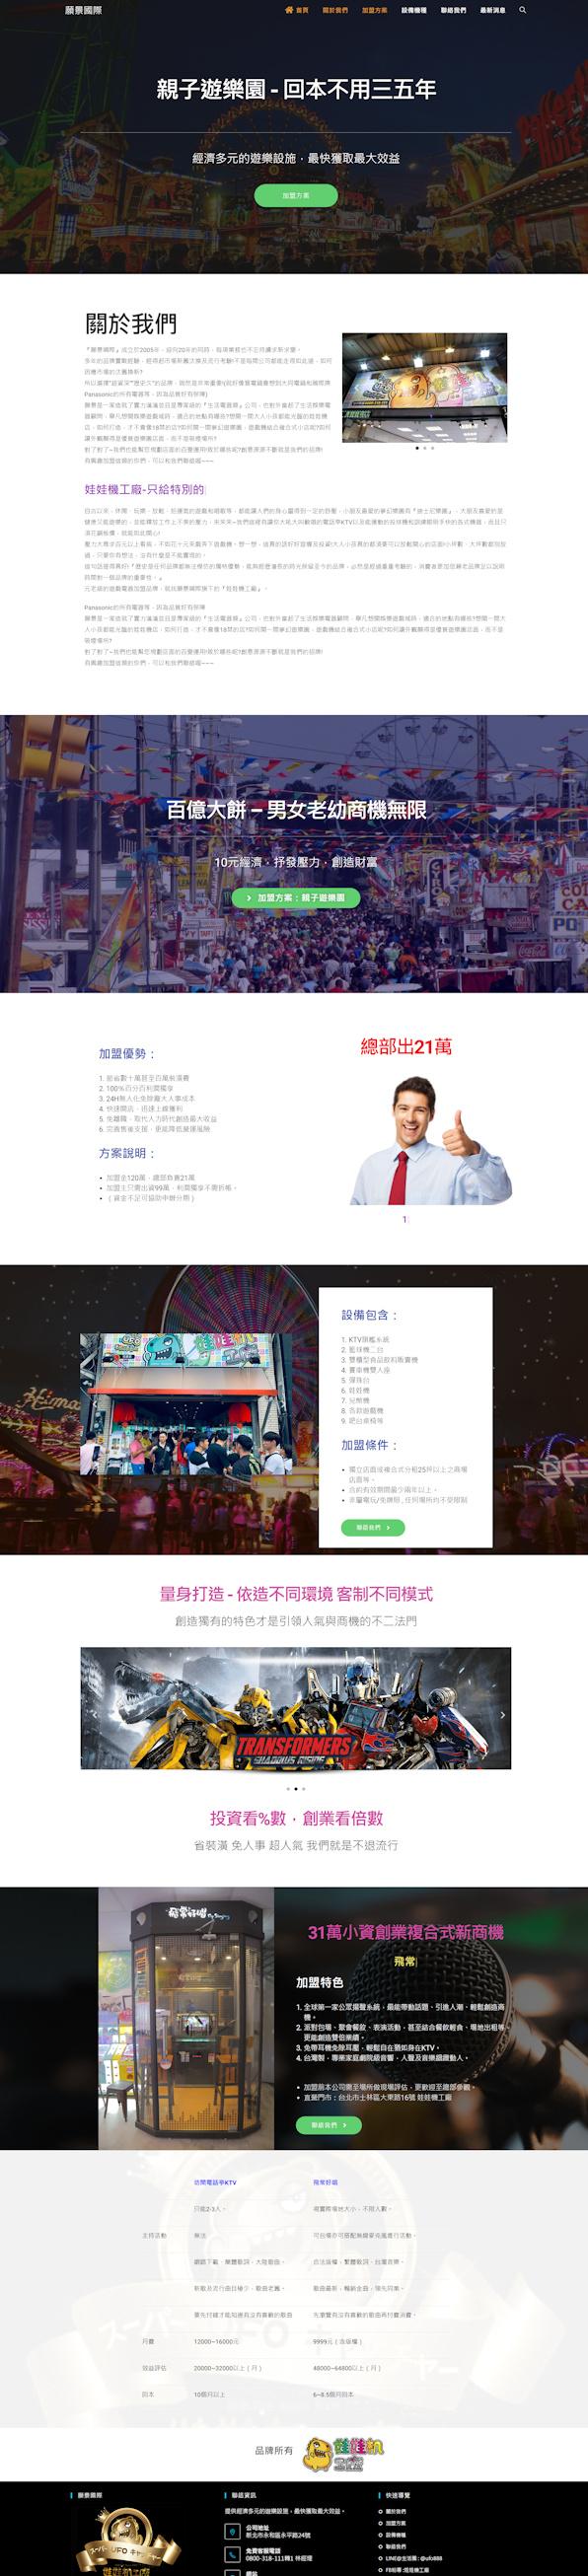 網頁設計-創業加盟網2